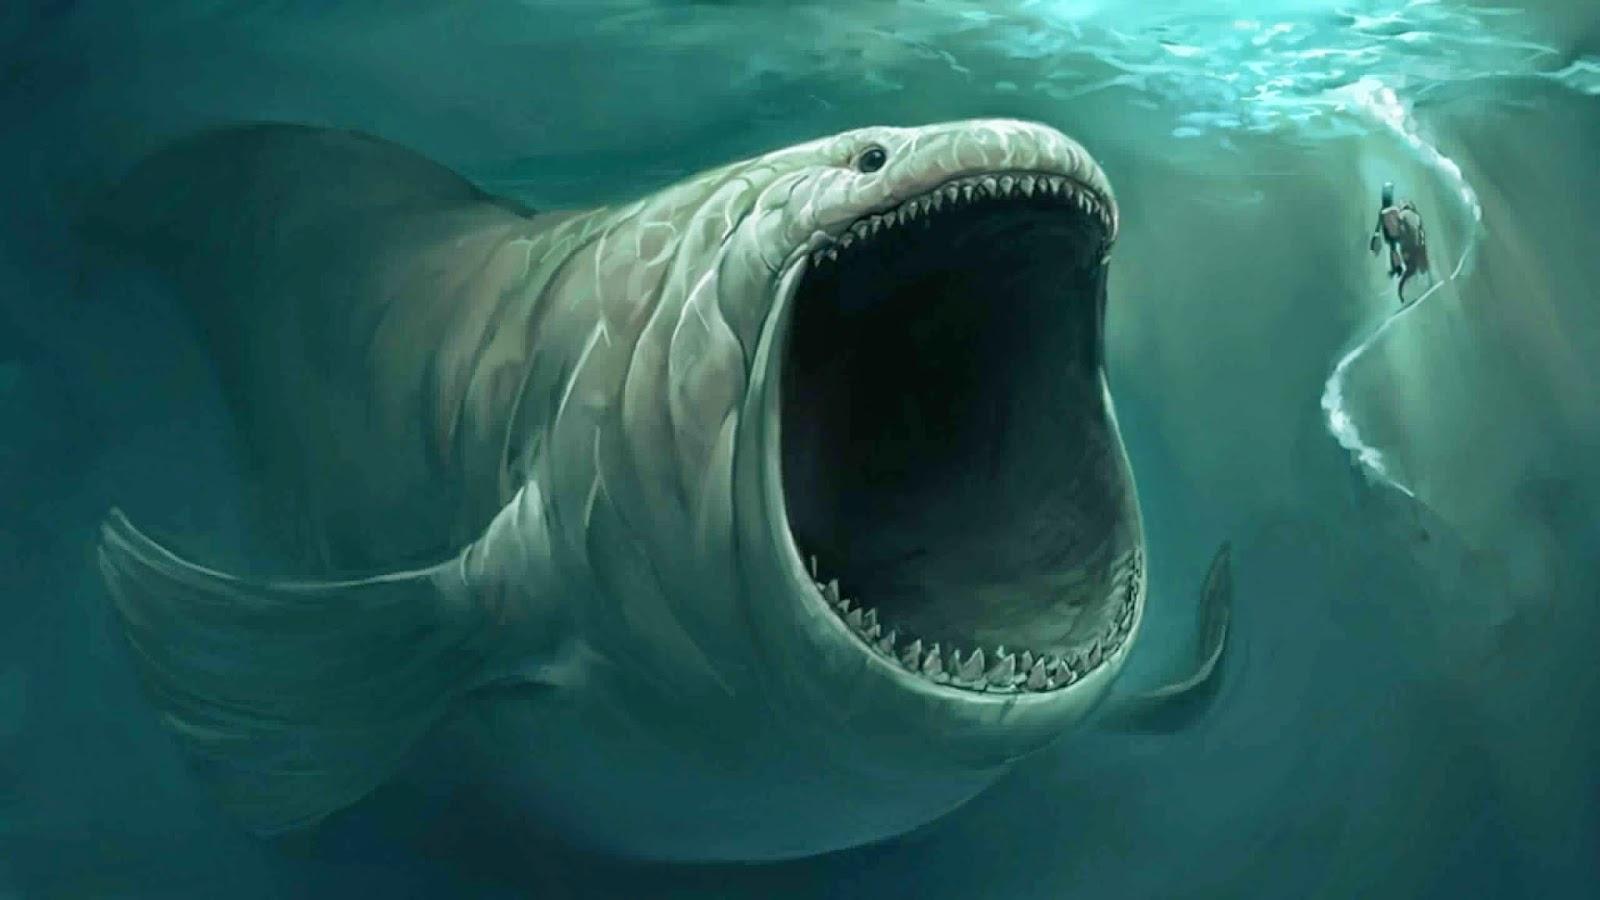 حيوانات ما قبل التاريخ غريبة وعجيبة.